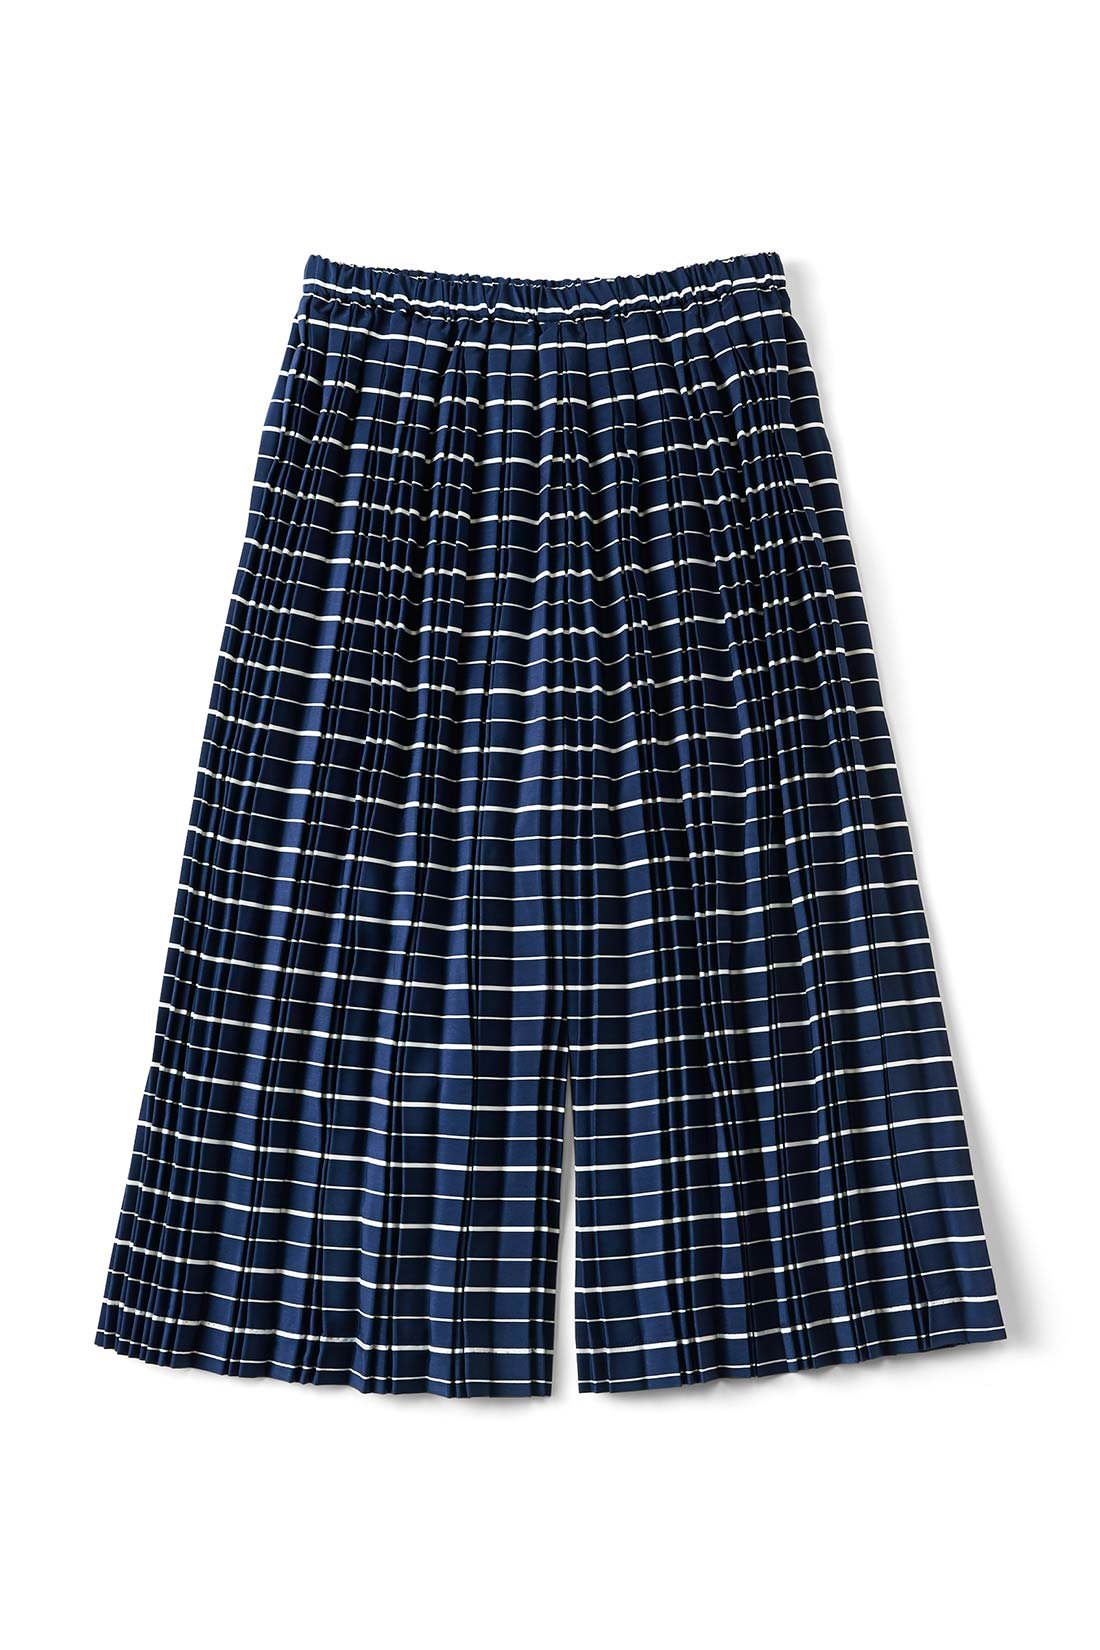 ストンときれいに見える、スカートとパンツの間くらいのシルエット。